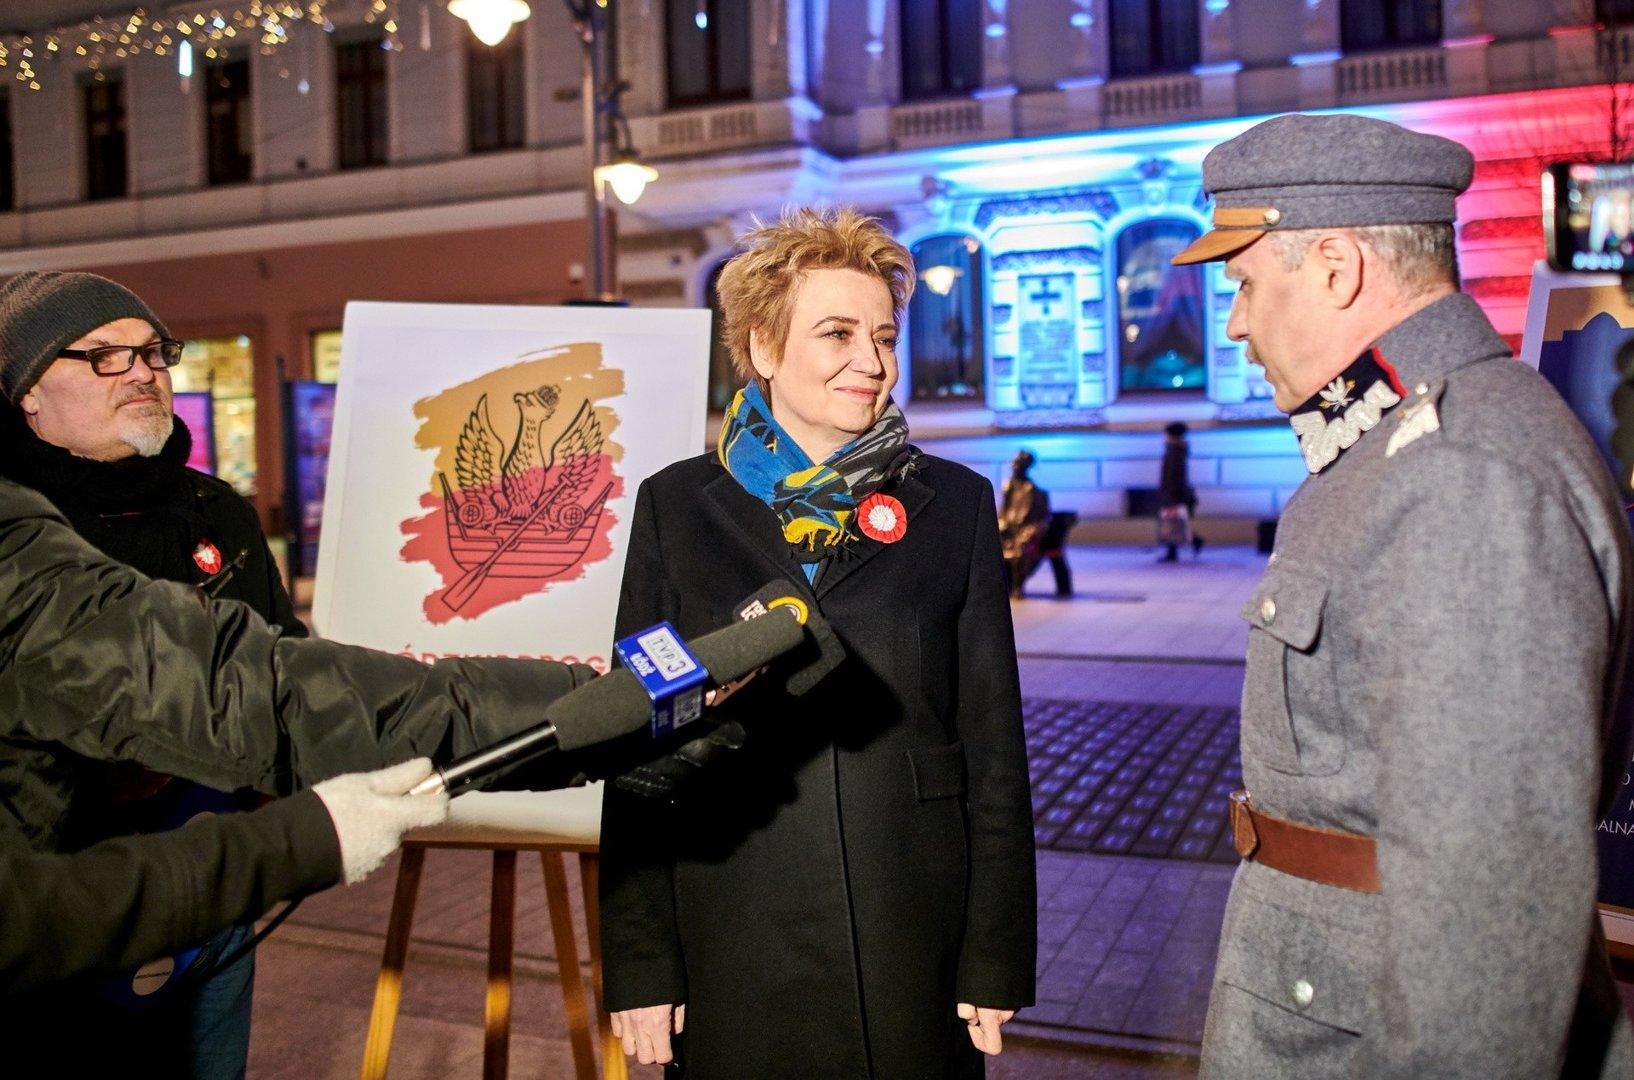 02110fc9eb W Łodzi planują obchody 100. rocznicy odzyskania przez Polskę niepodległości